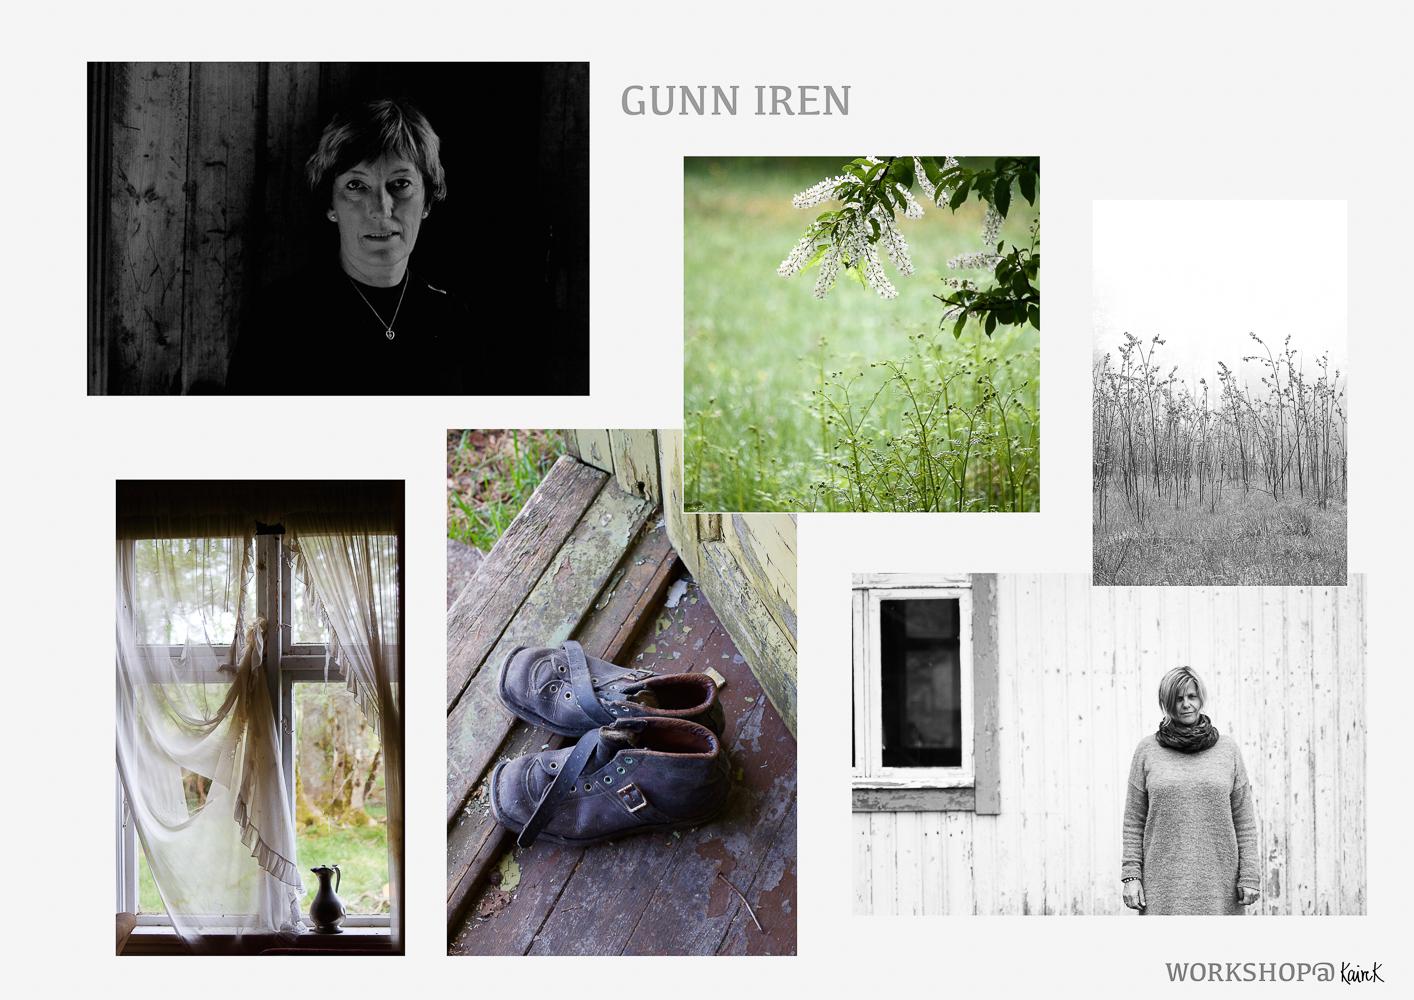 Gunn_utvalgte-imp.jpg